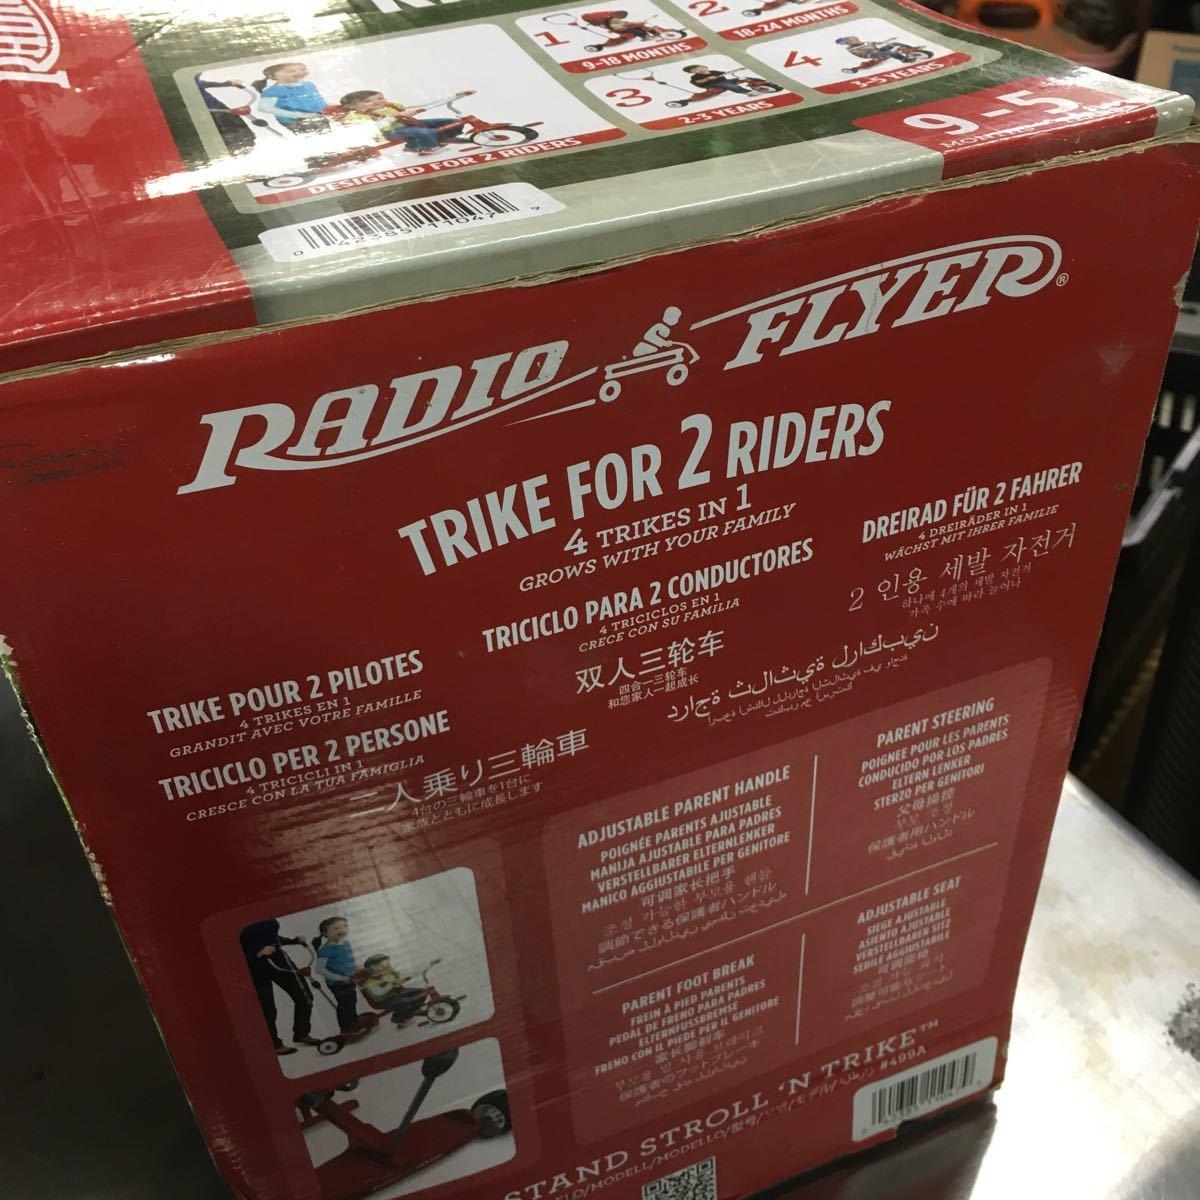 新品!ラジオフライヤー 二人乗り三輪車 トライク 4in1 RADIO FLYER TRIKE FOR 2 RIDERS_画像4